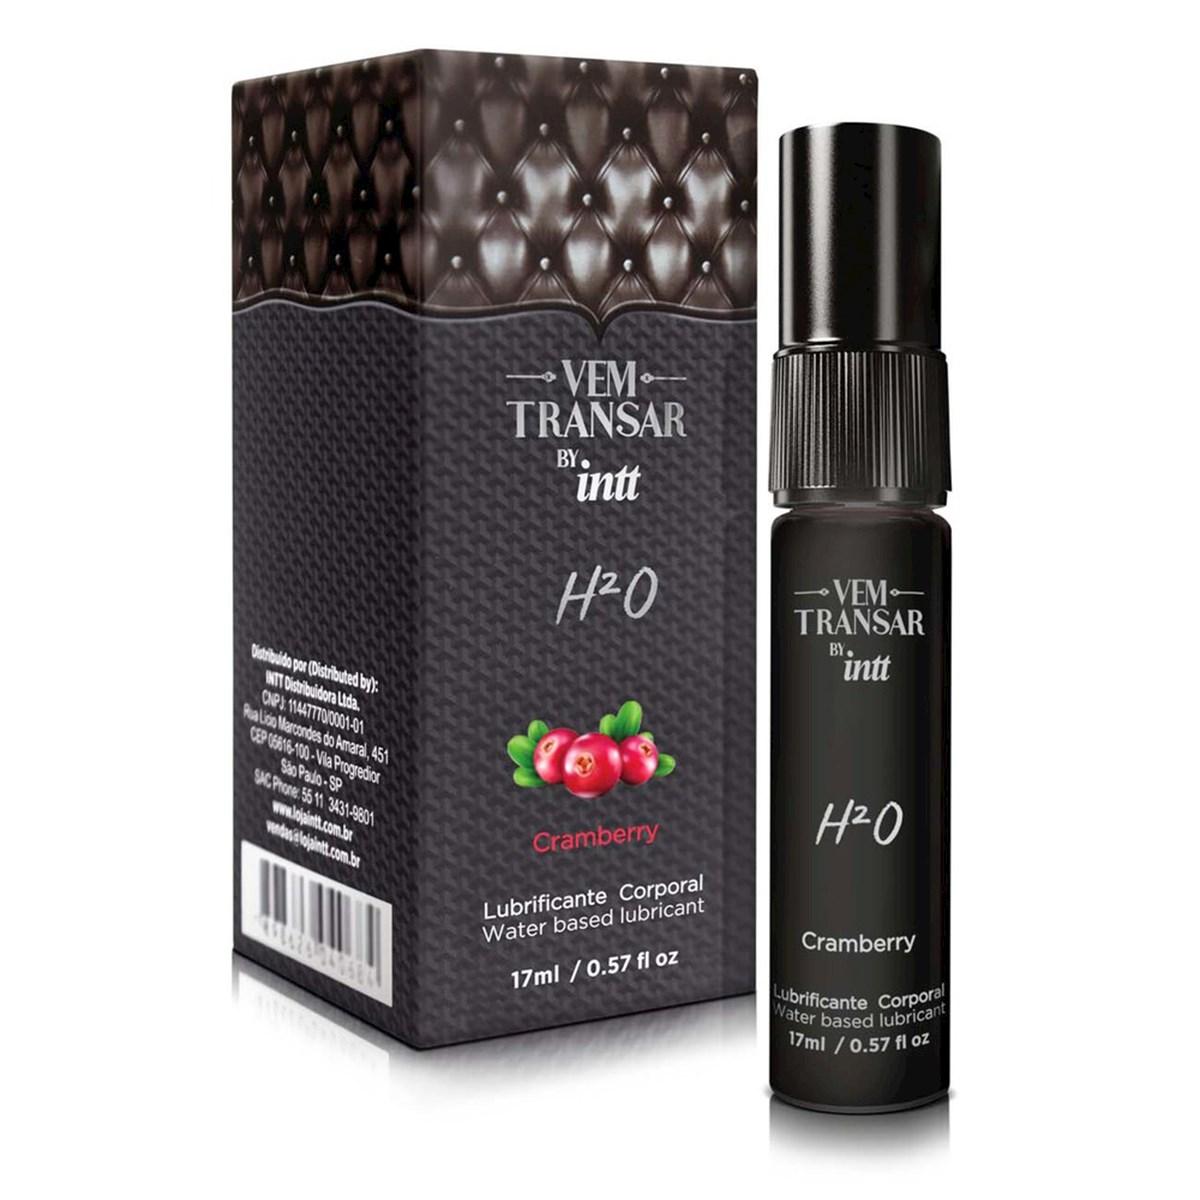 Lubrificante Íntimo Vem Transar H2O 17m